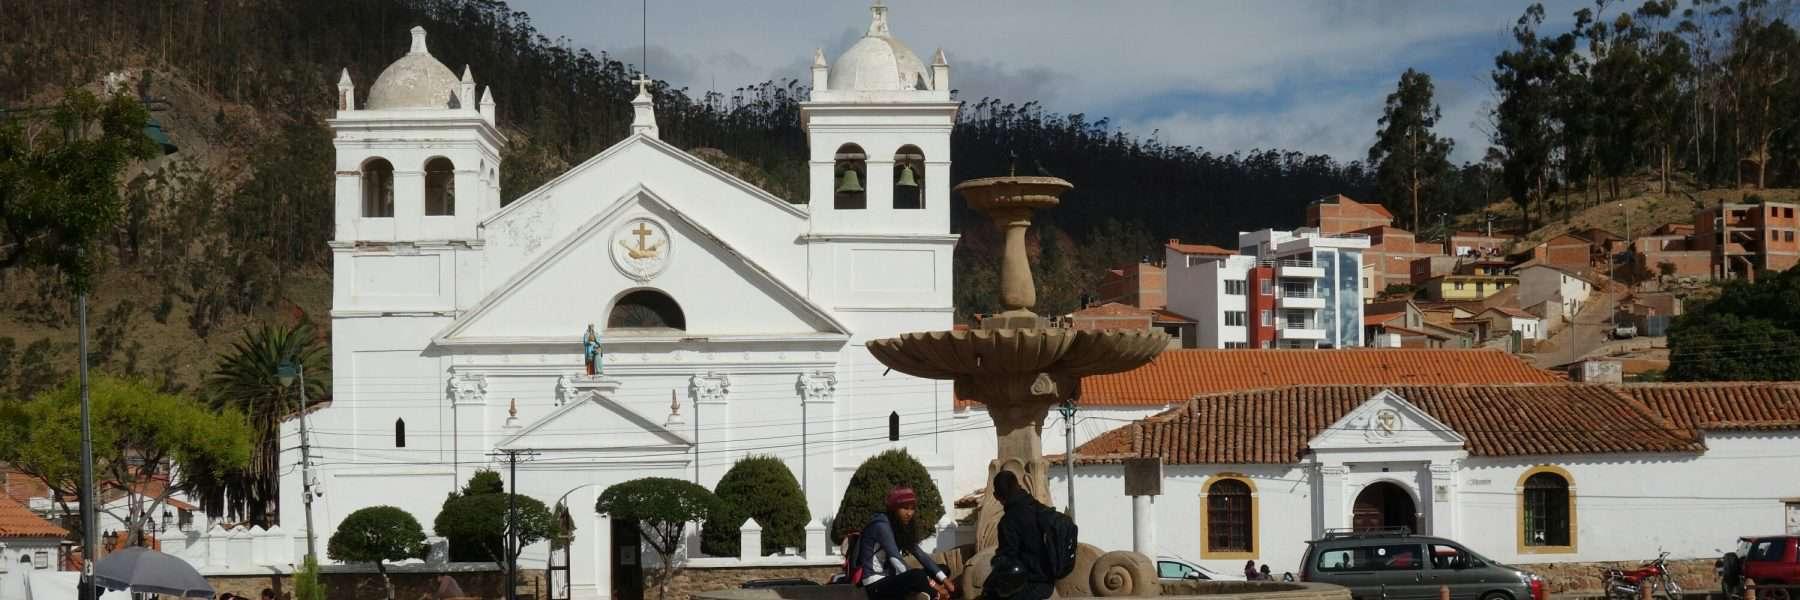 La Recoleta, Sucre, Bolivia